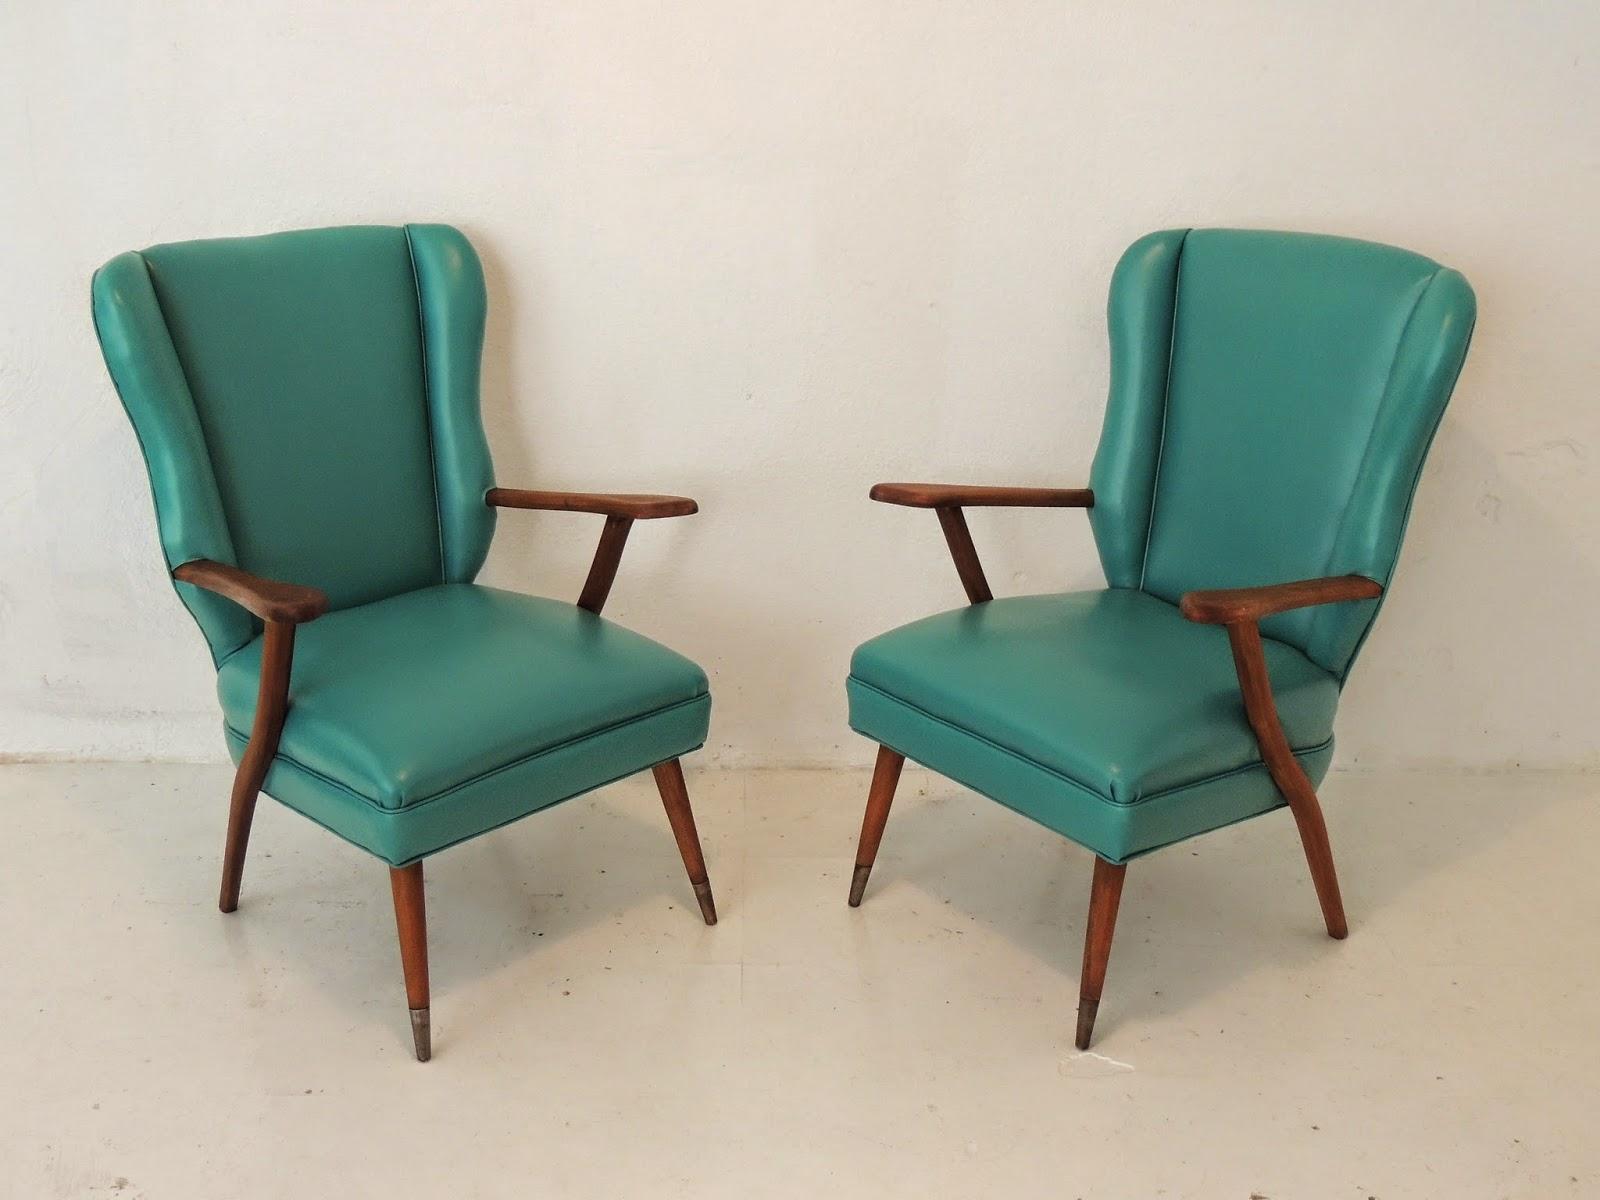 Antiguo par de sillones escandinavos en madera tapizados - Sillones vintage retro ...